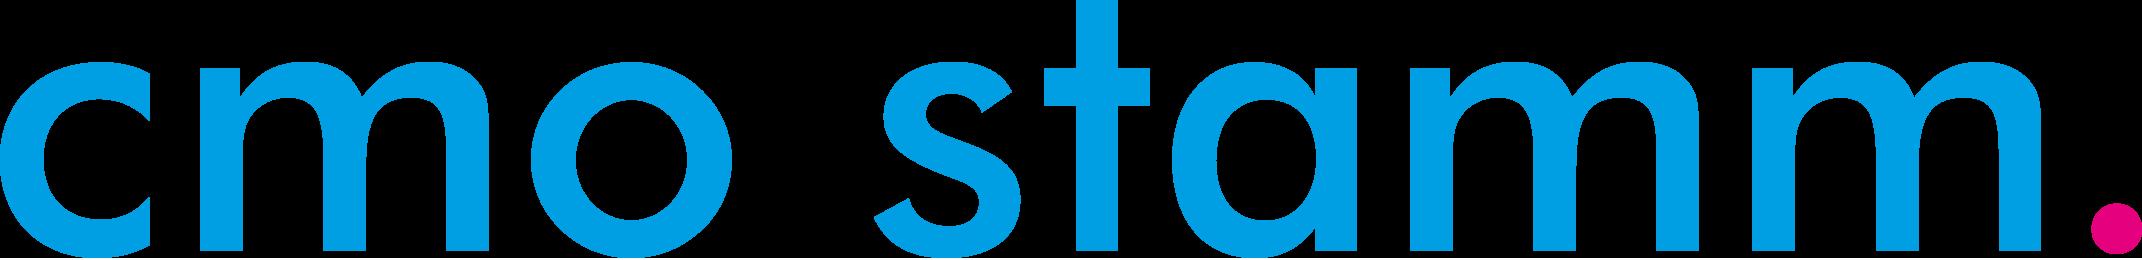 logo CMO STAMM, zonder de diensten